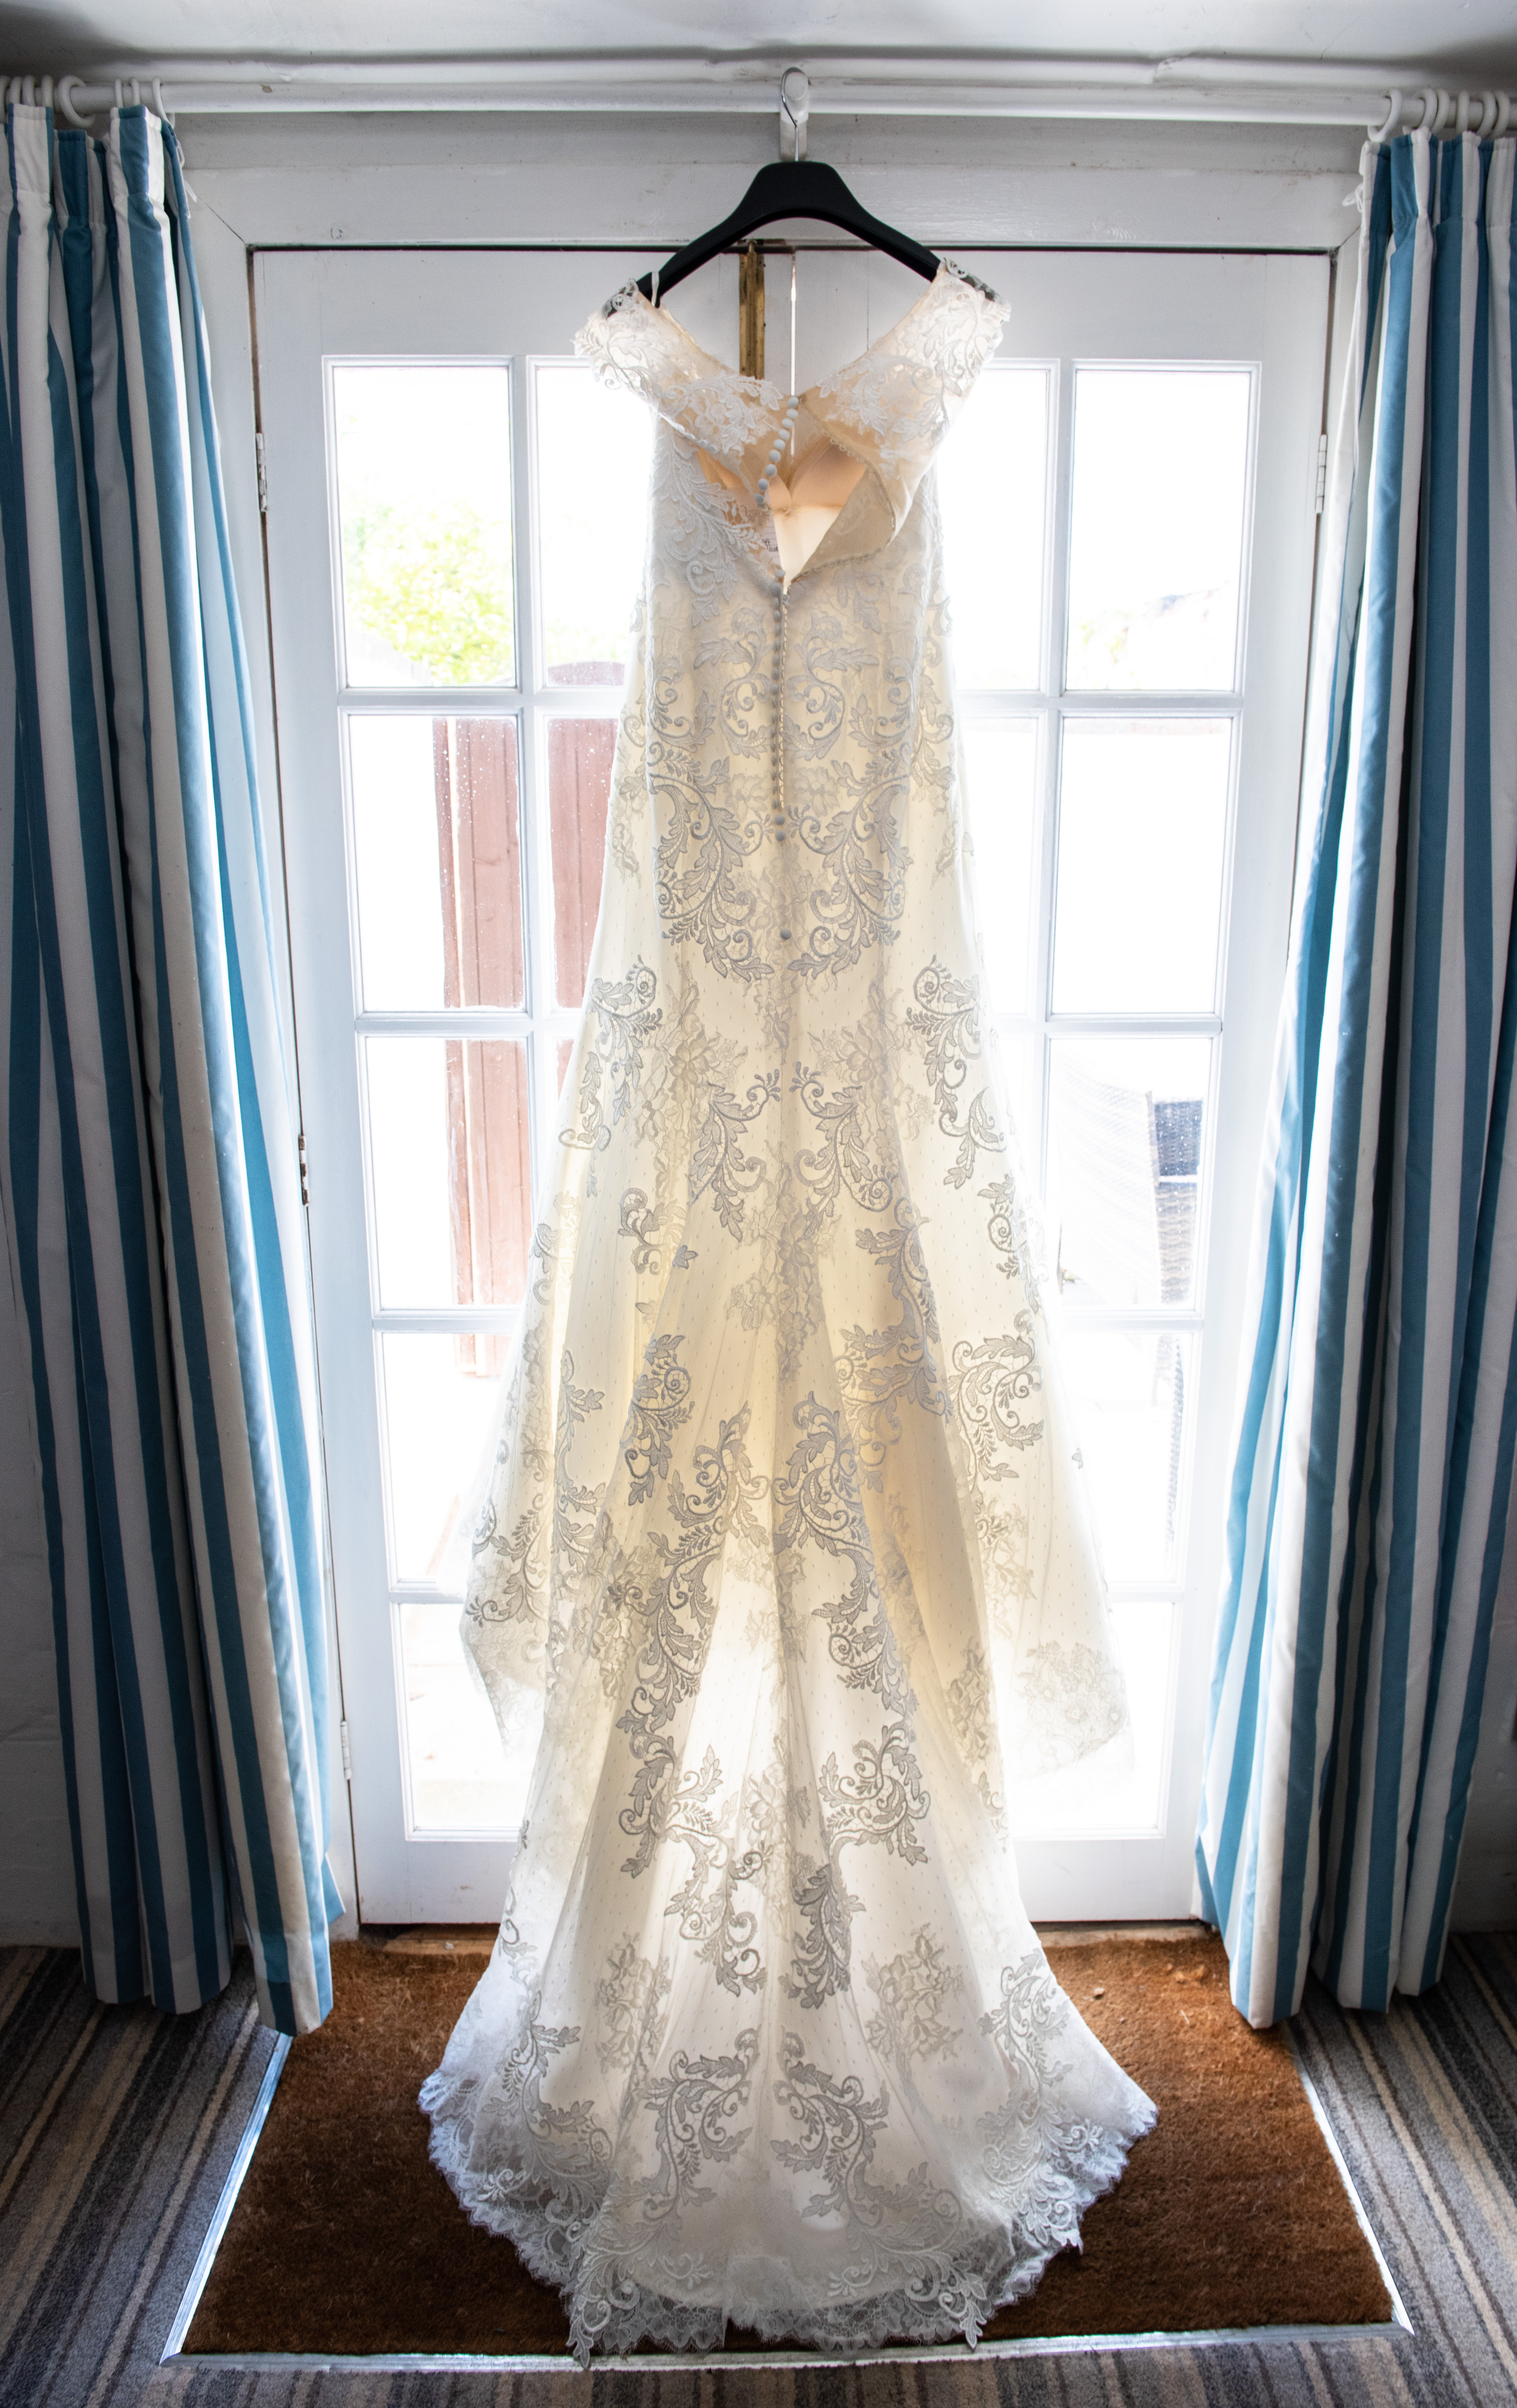 Wedding dress backlit in the doorway.